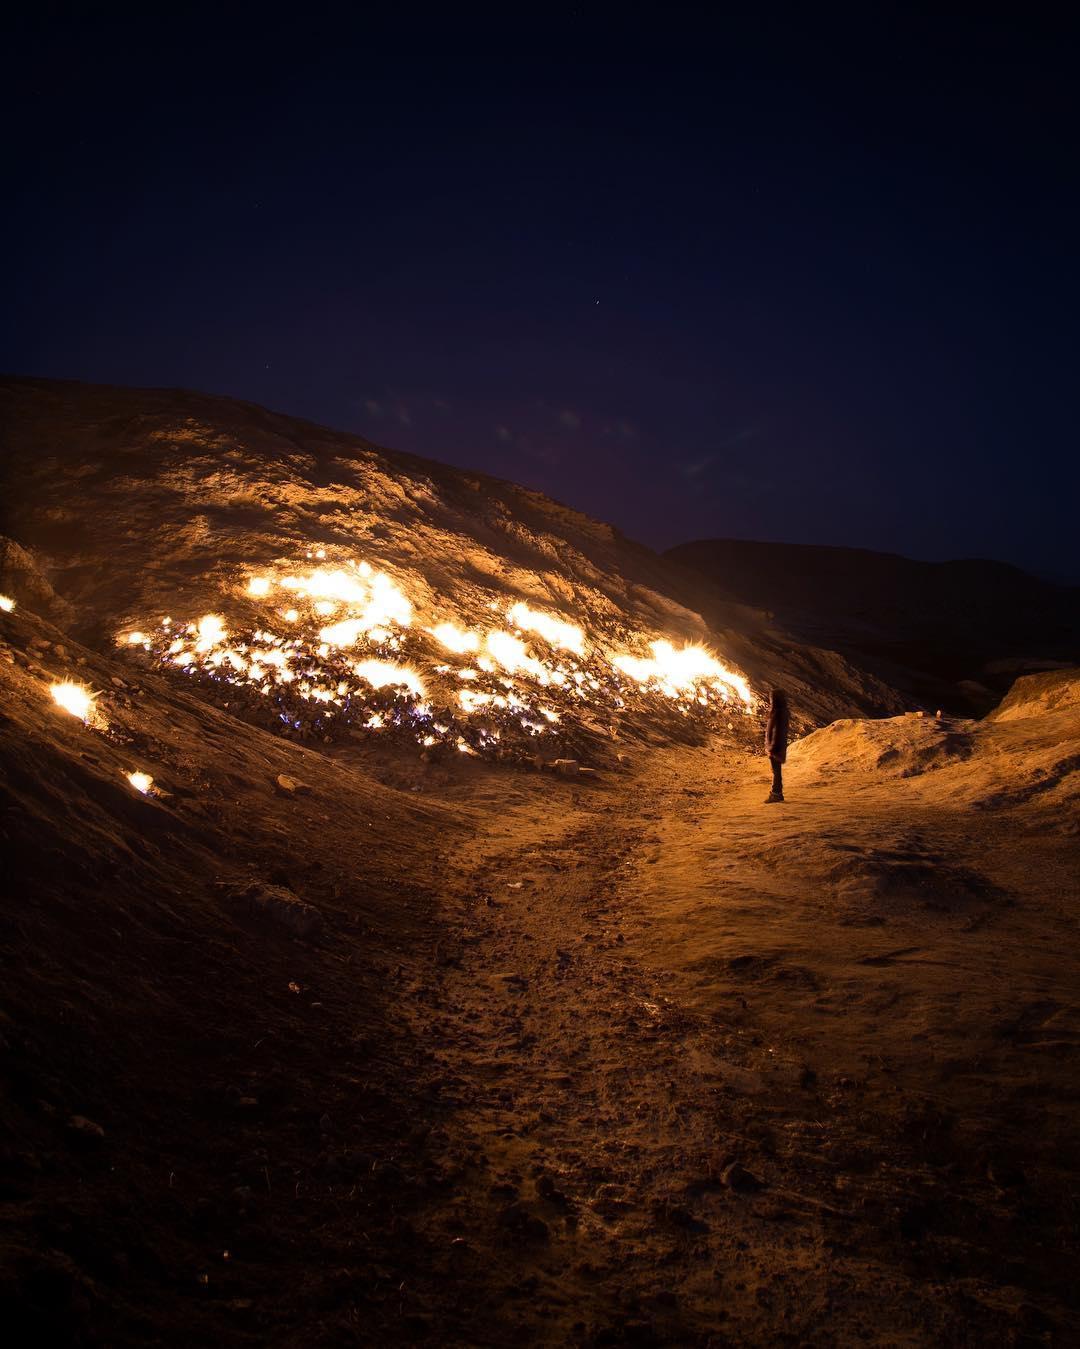 Удивительная вечно горящая огненная гора в Иране - «Хорошее настроение»